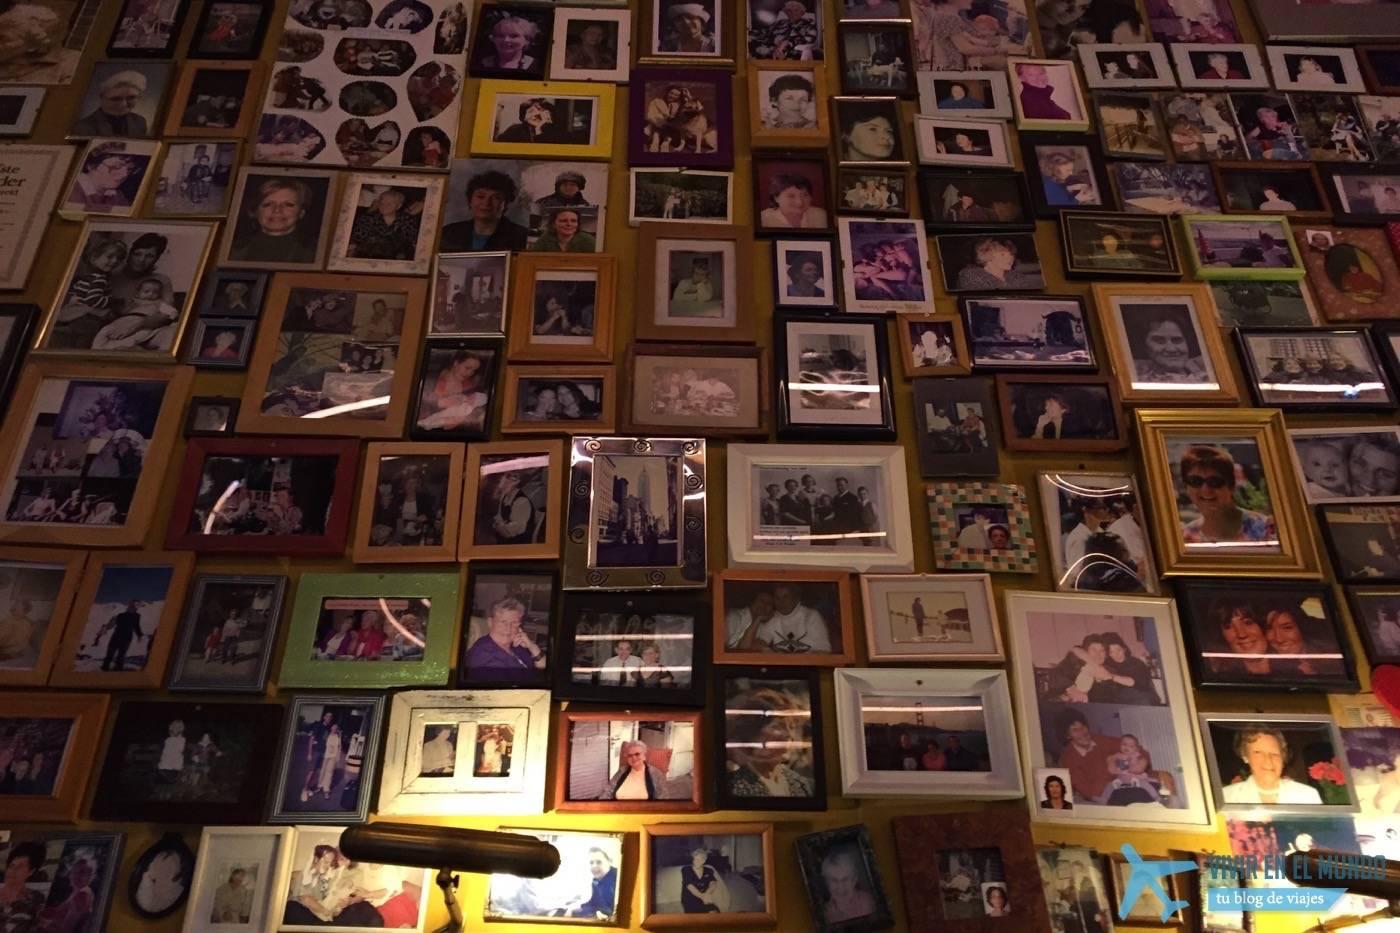 Moeders y sus paredes con las fotos de miles de madres